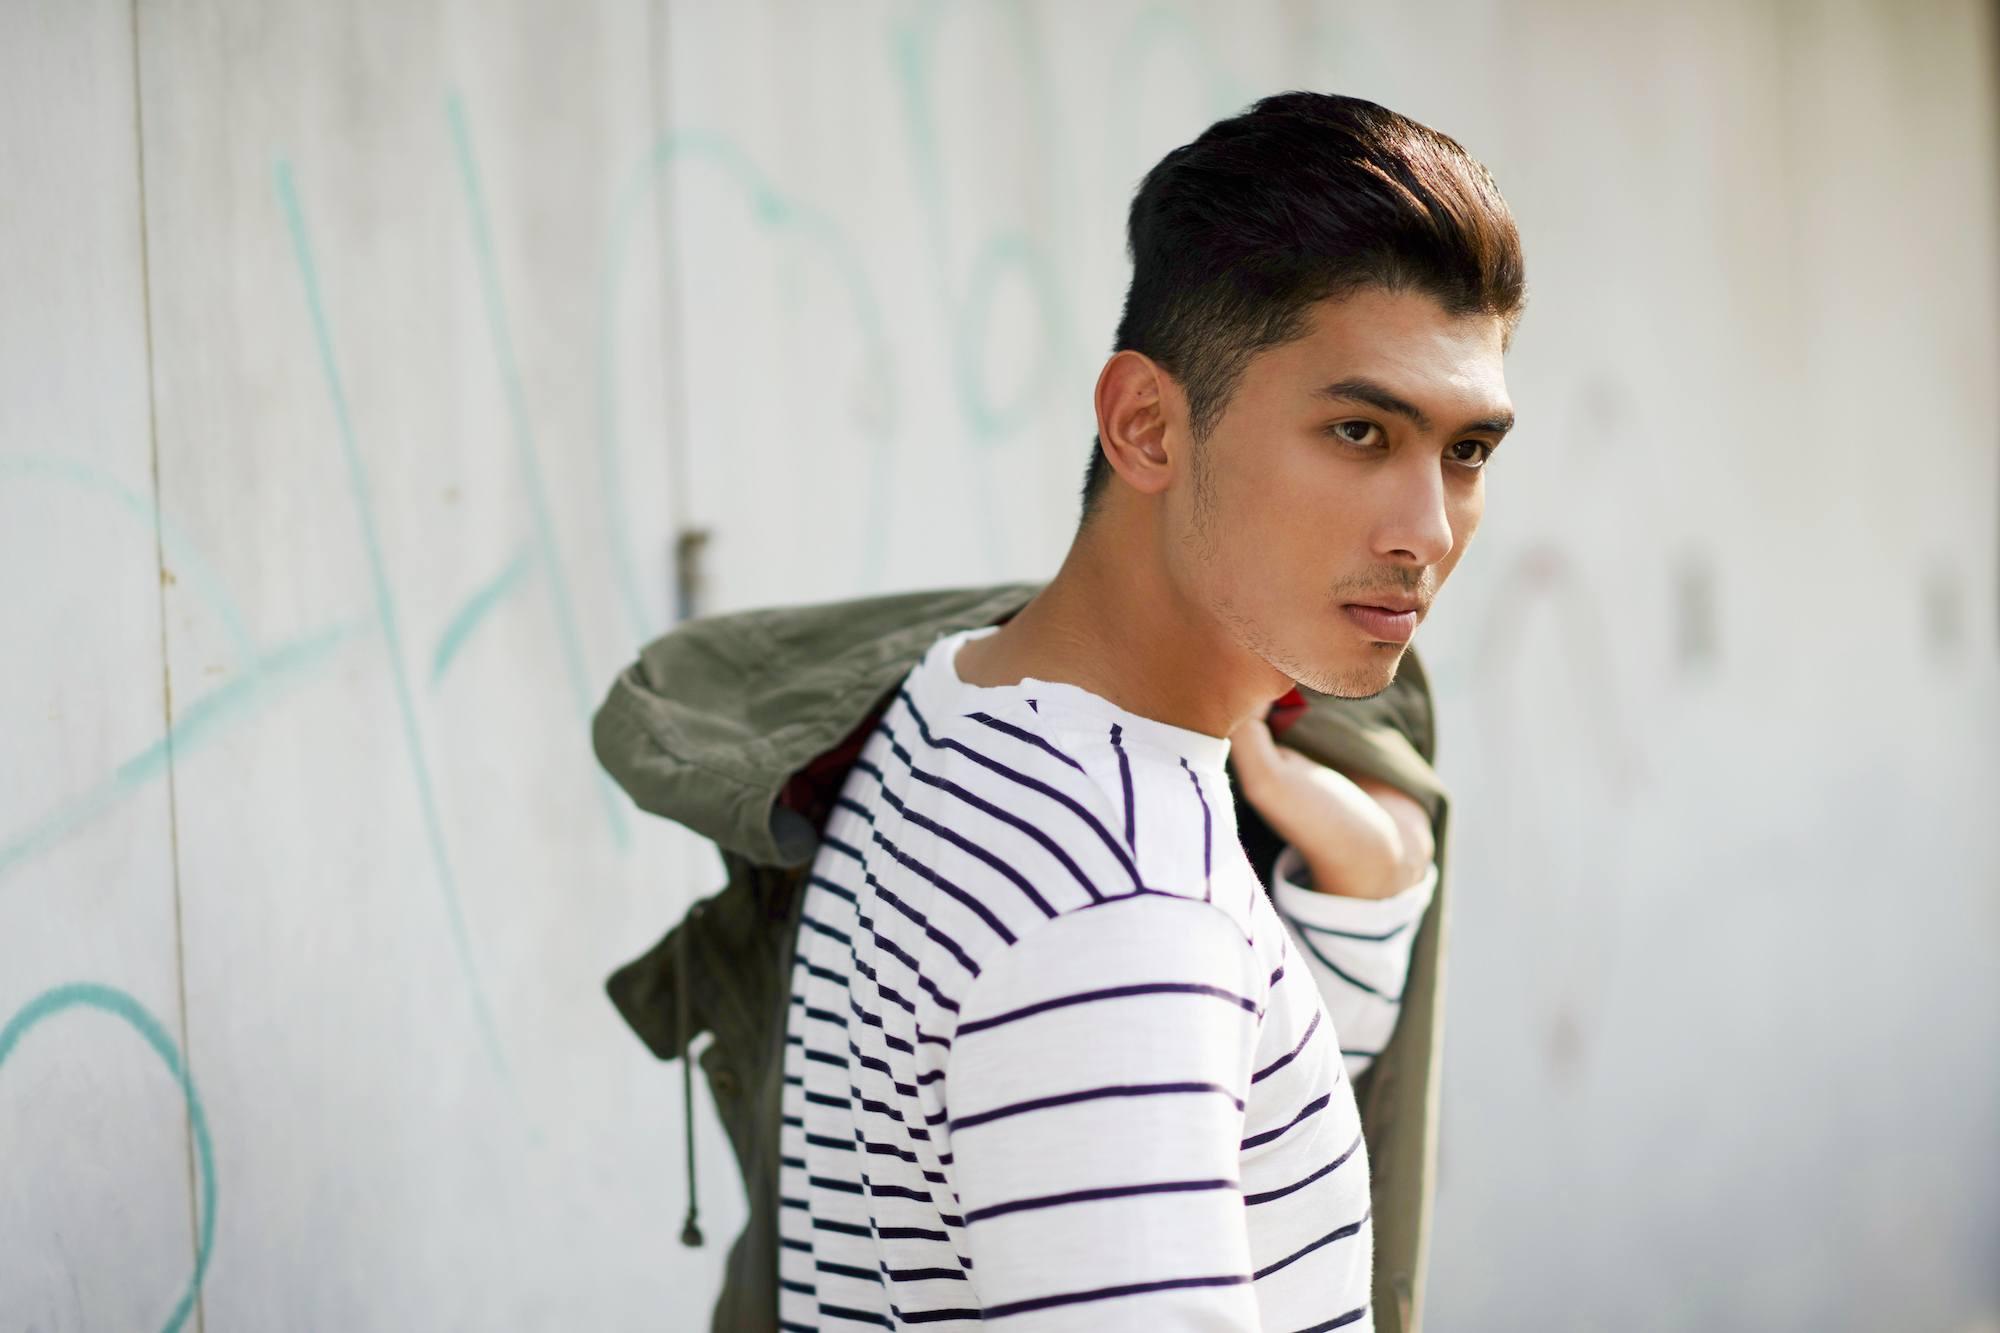 Foto Model Rambut Pendek Pria